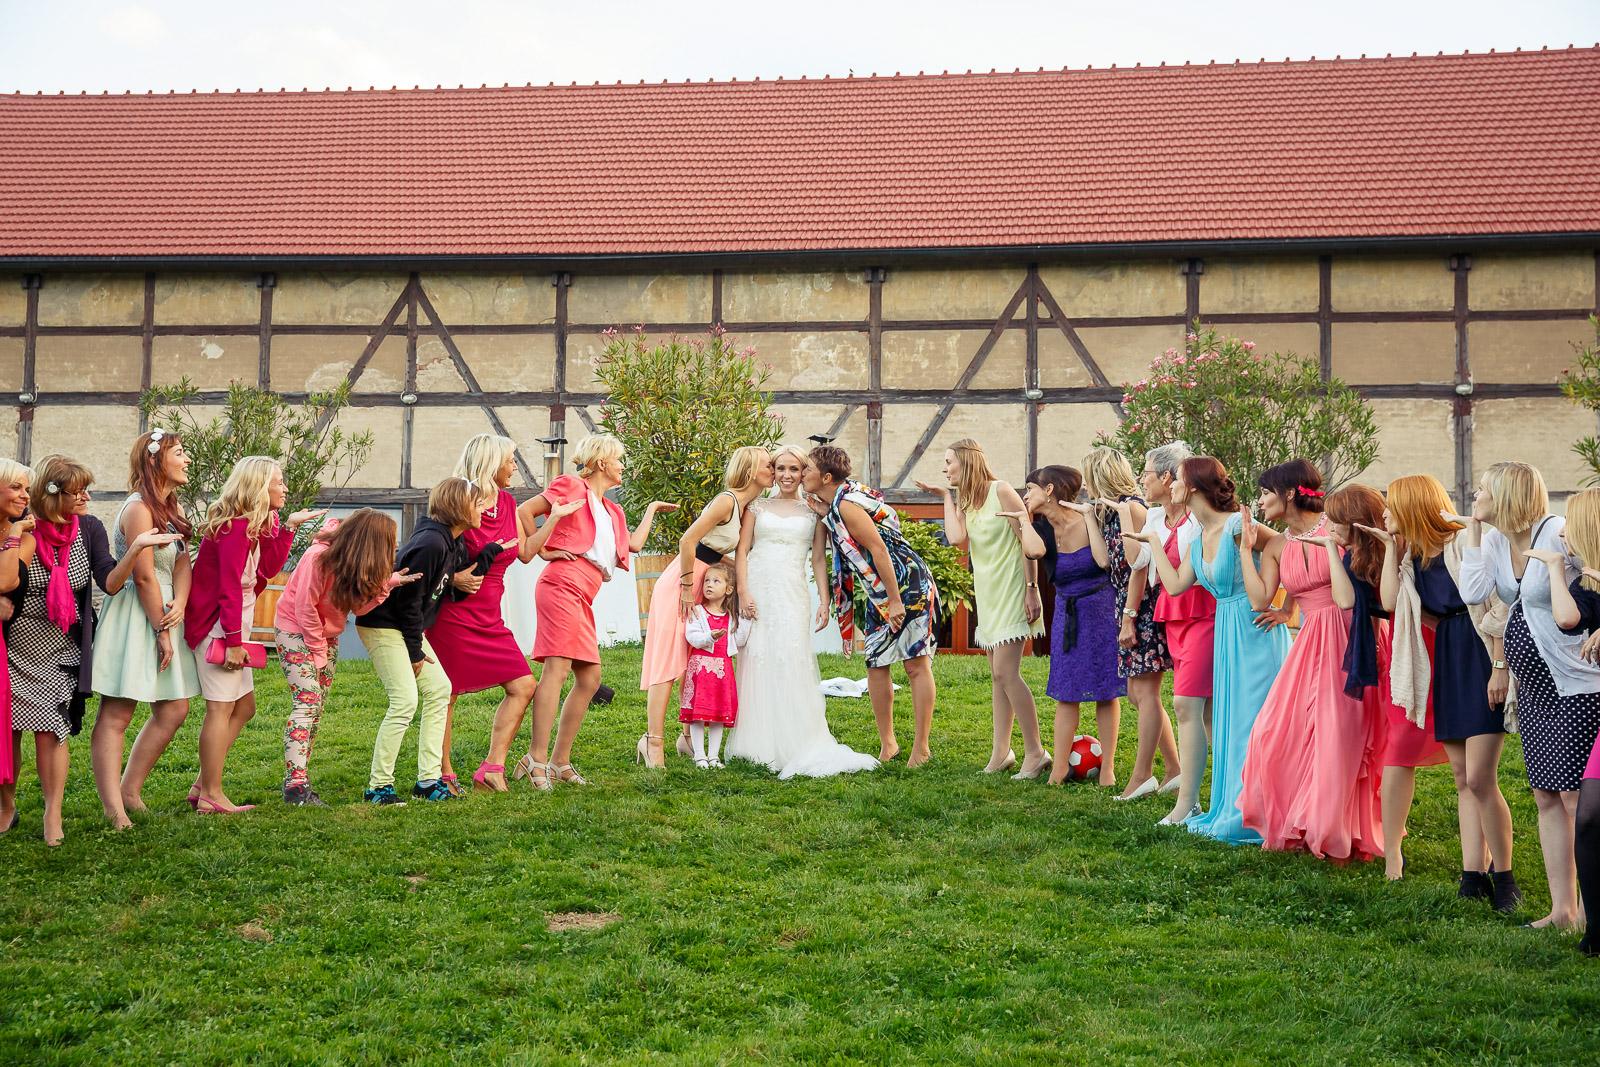 Wedding Photographer Dresden - newpic.eu by Toni Kretschmer